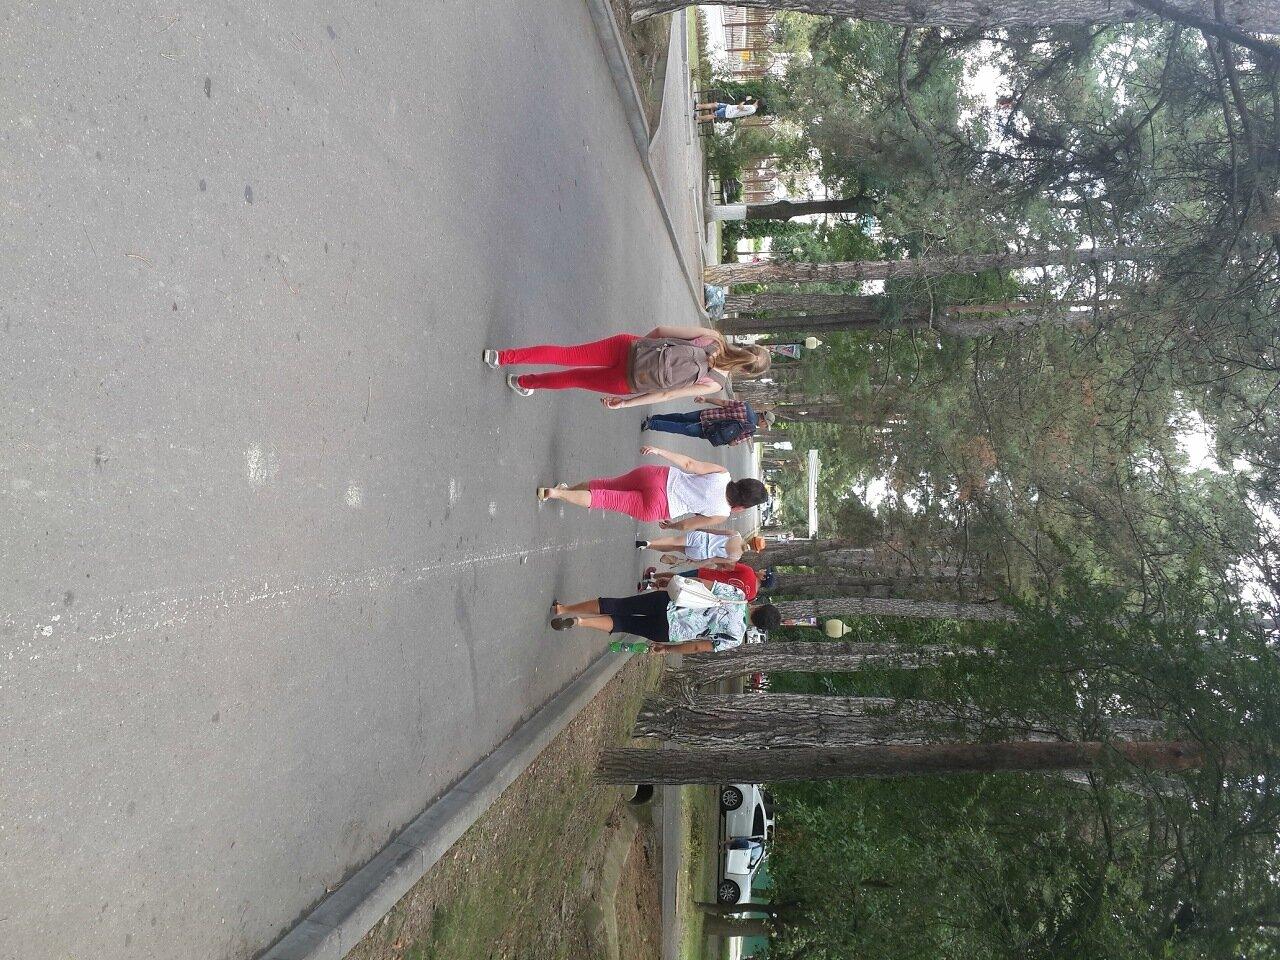 Пешие и велопрогулки по Краснодару - ищу компаньонов - Страница 6 0_8289d_70e9499a_XXXL